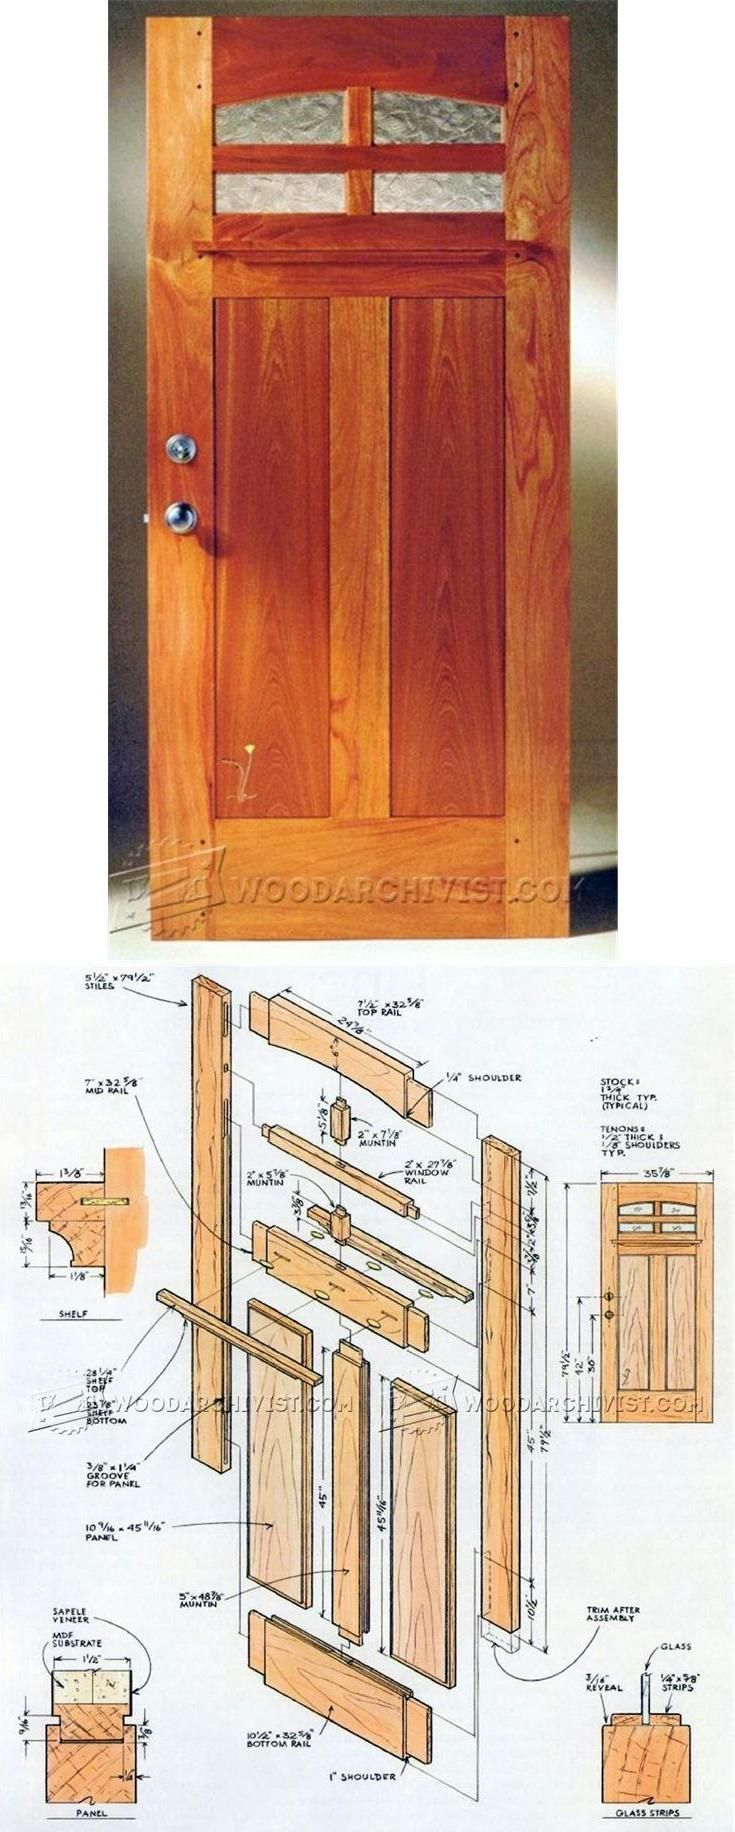 Front Door Plans Door Construction And Techniques Woodarchivist Com Door Plan Woodworking Projects Diy Wooden Projects